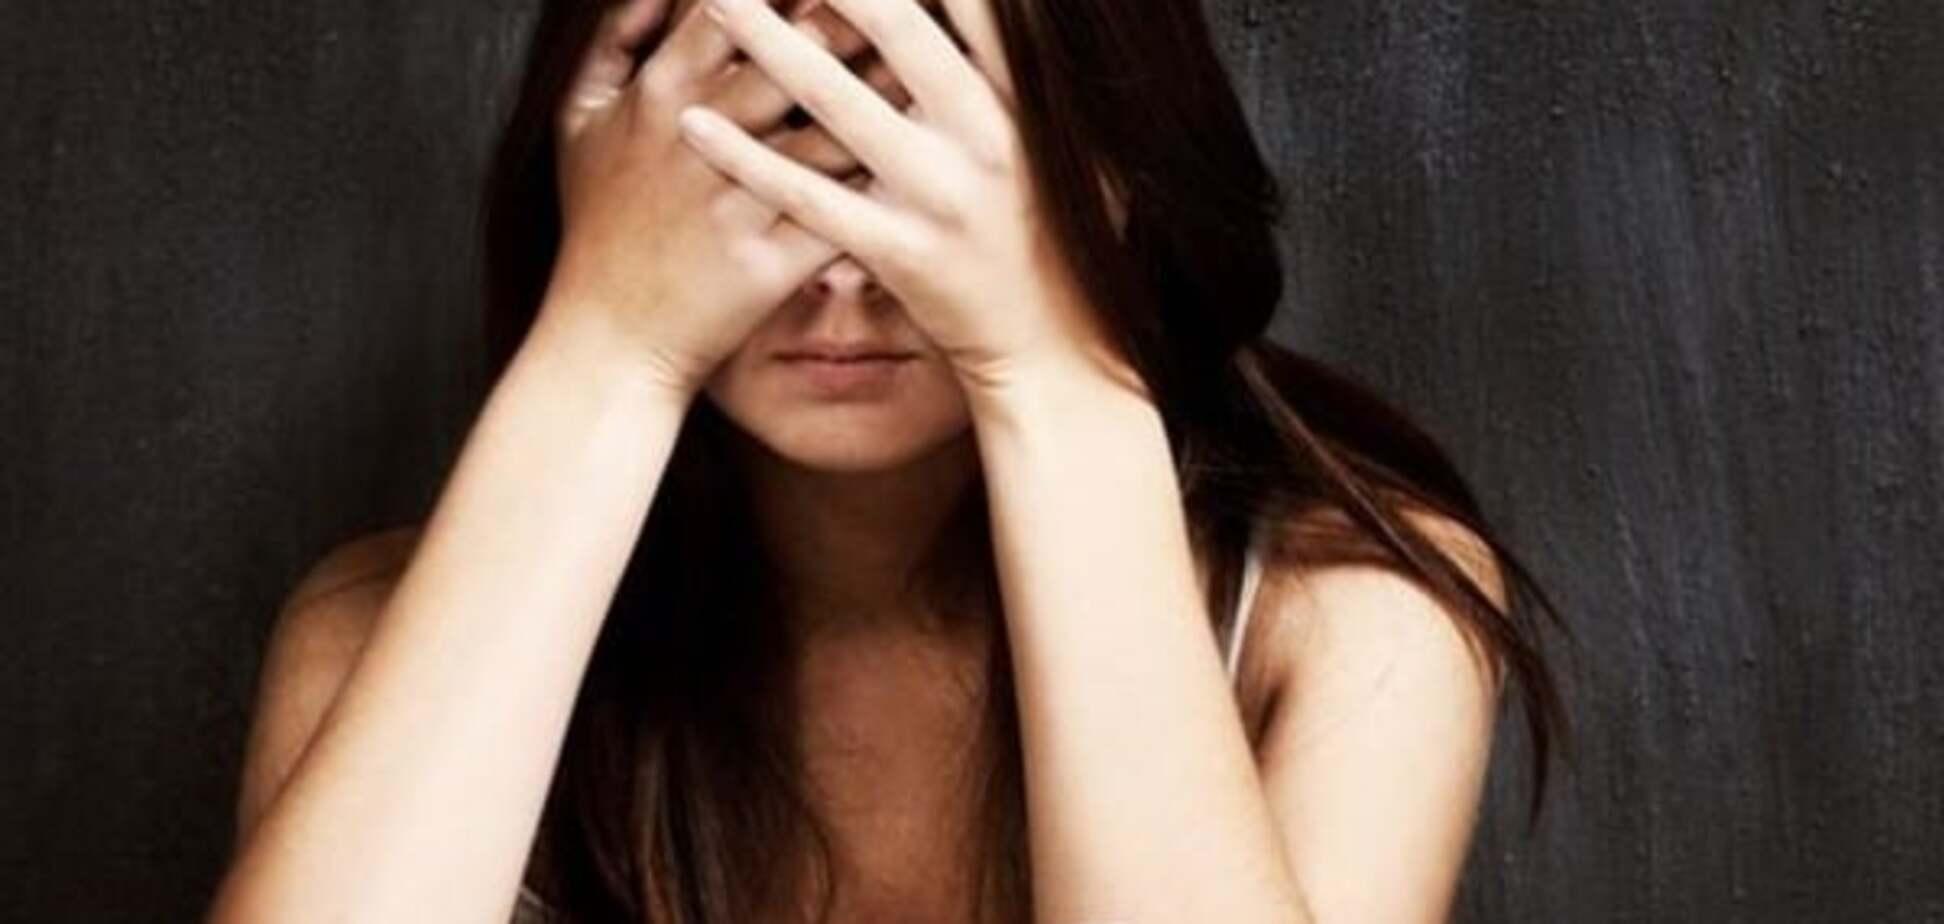 Терористи 'ДНР' зайнялися торгівлею людьми: викрадають жінок